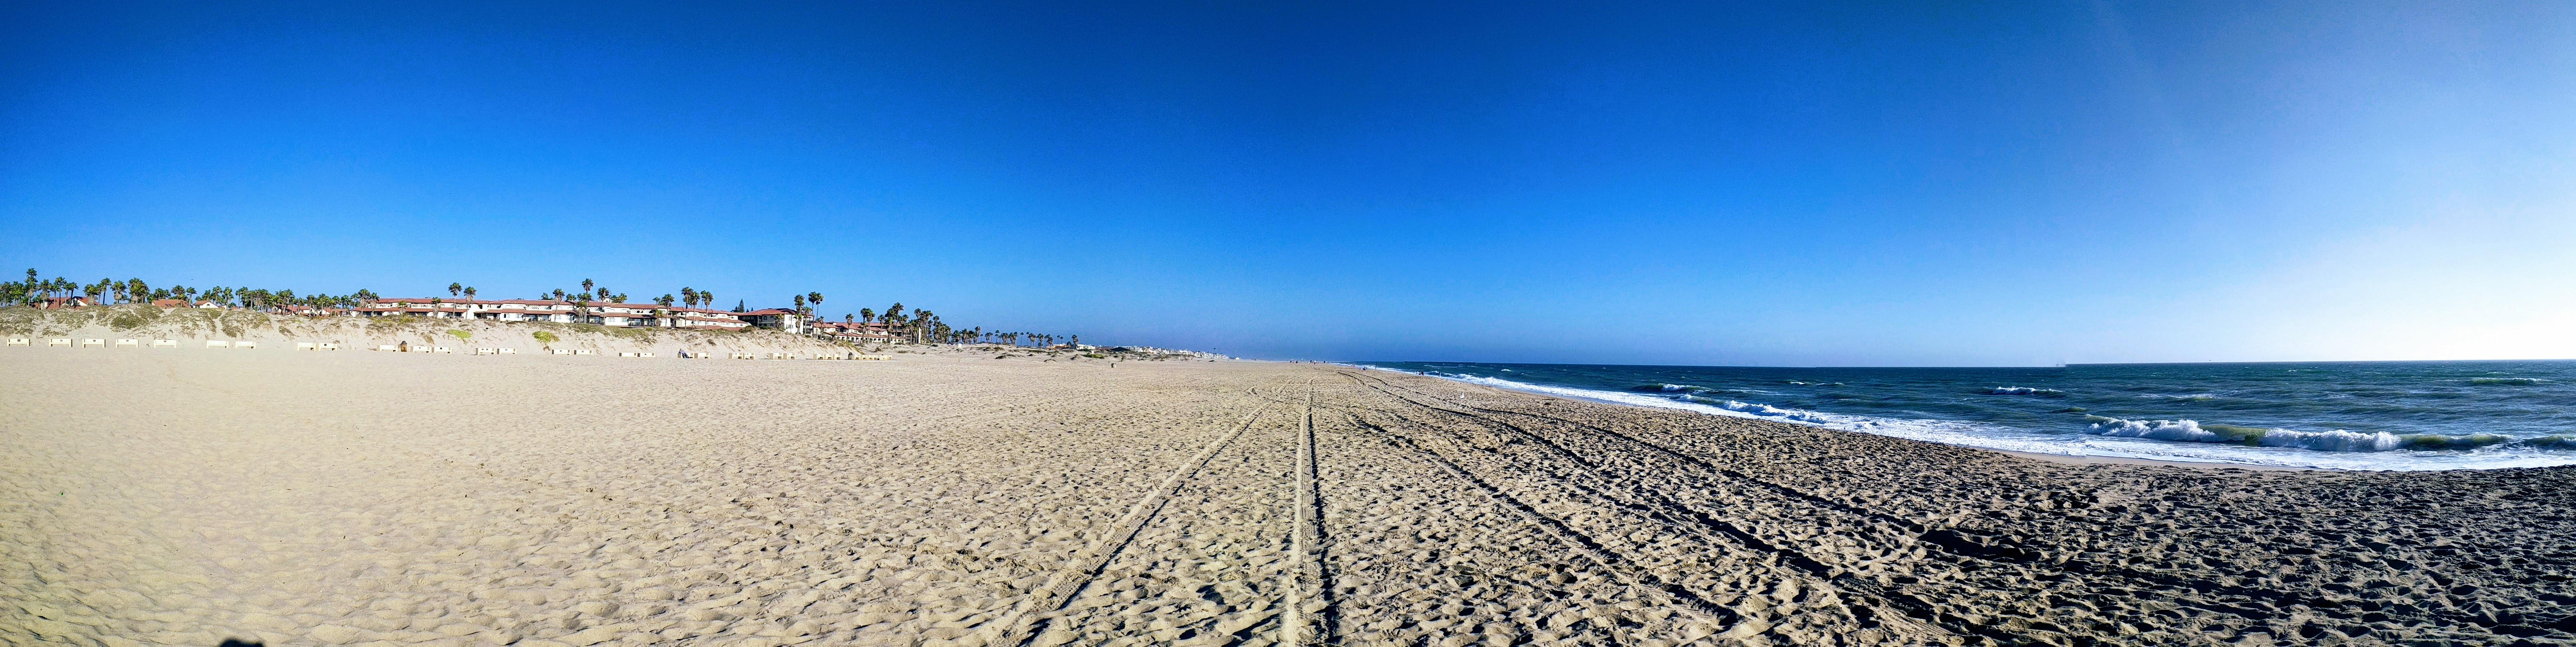 Beach Pano, Blue